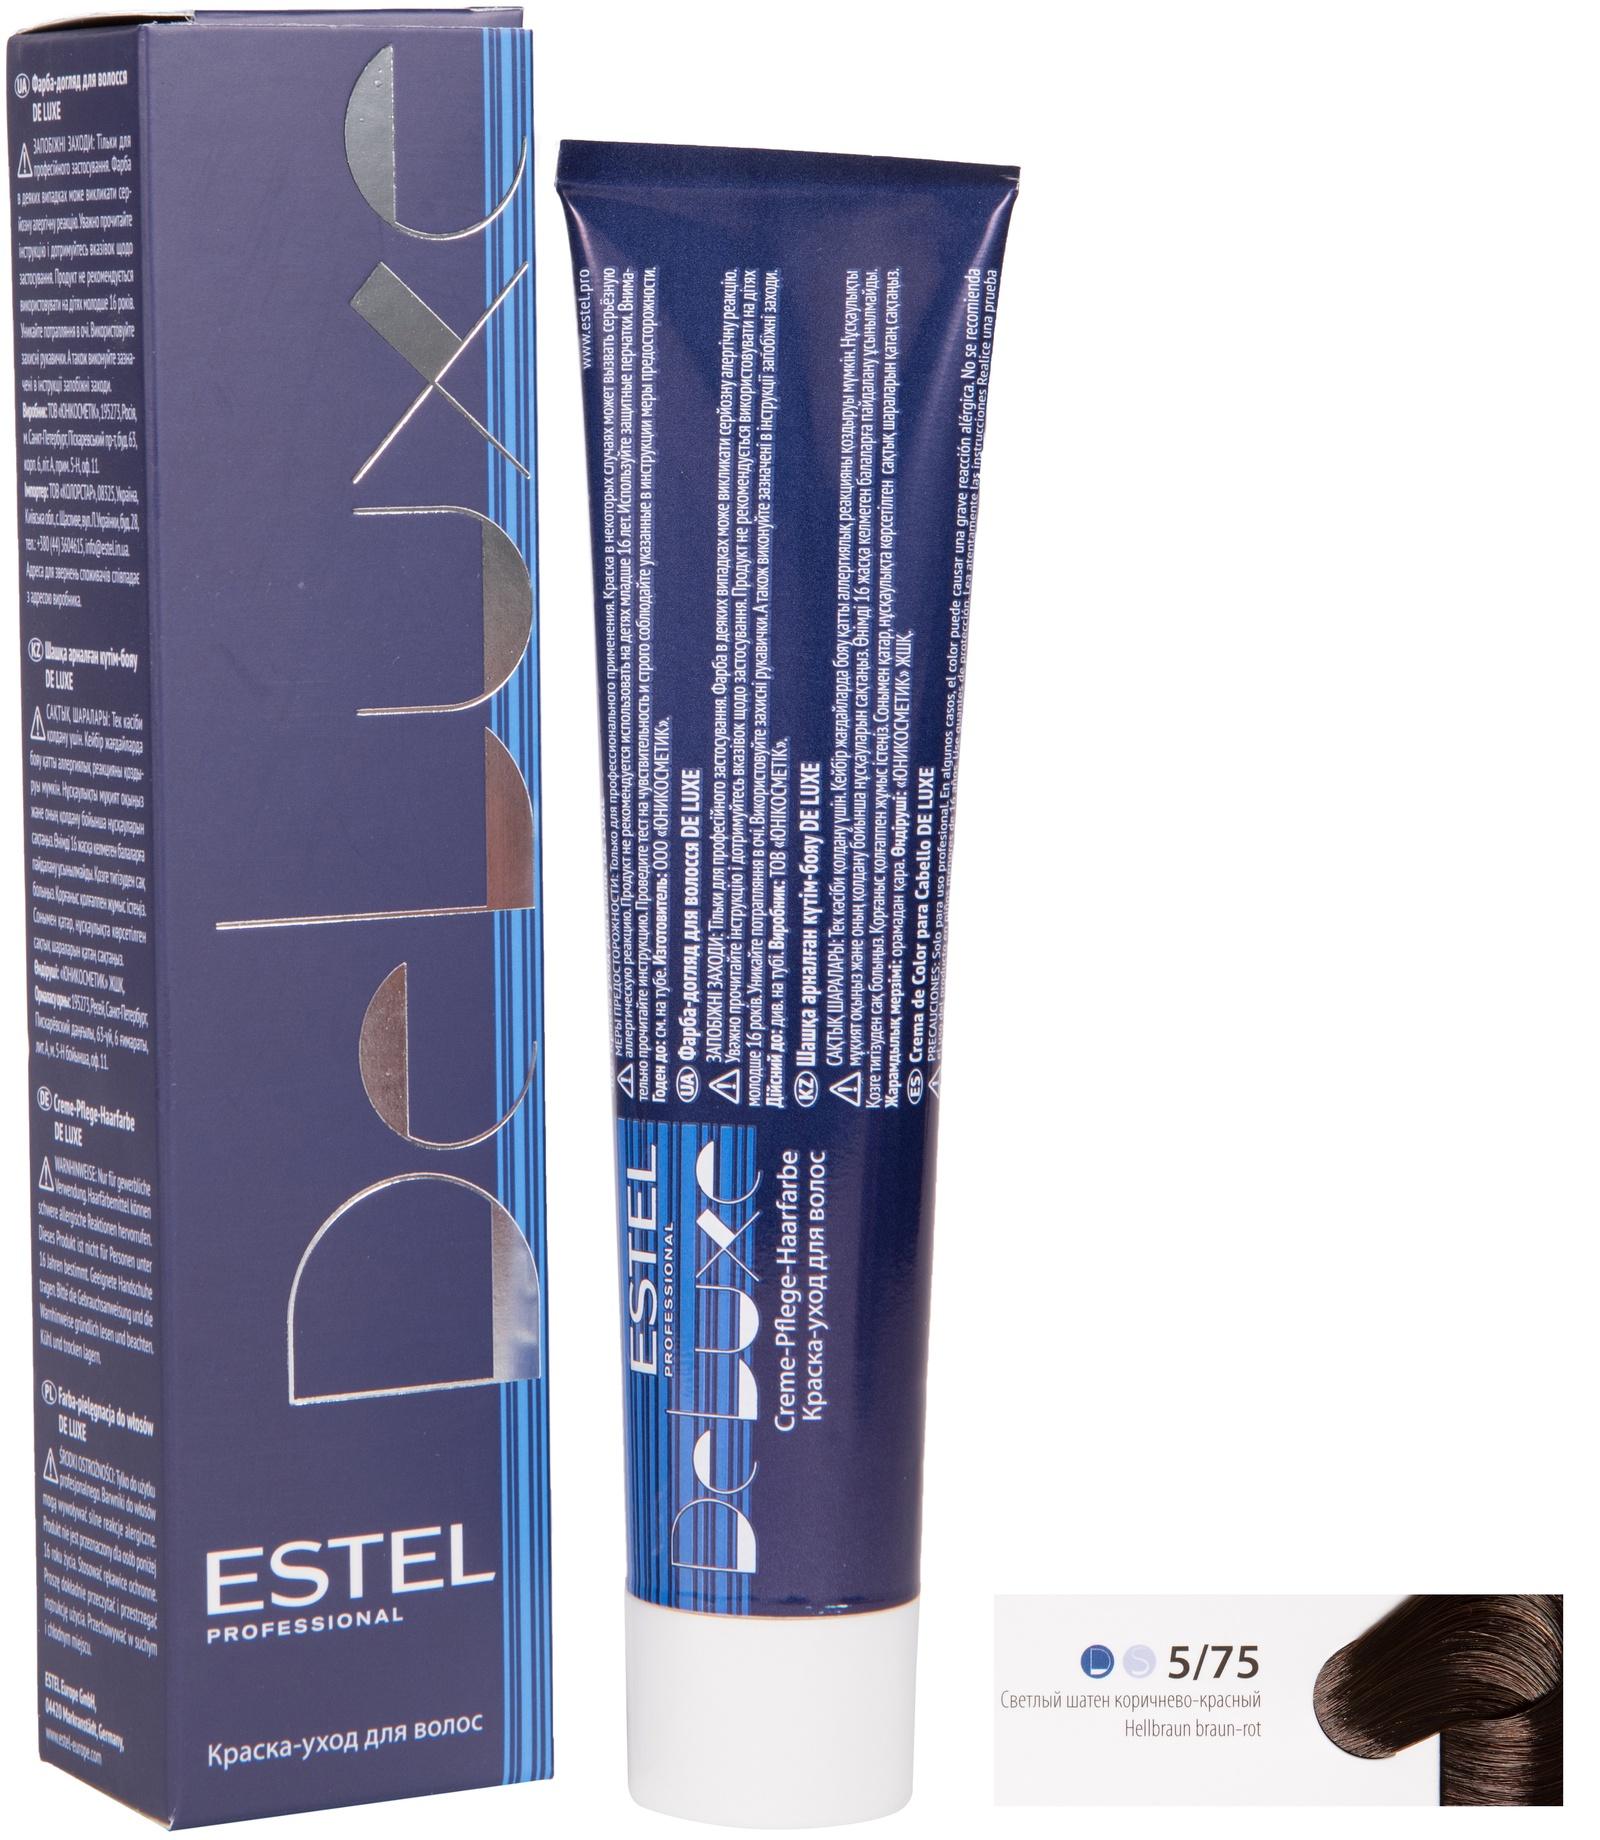 Краска для волос ESTEL PROFESSIONAL 5/75 DE LUXE краска-уход для окрашивания волос, светлый шатен коричнево-красный 60 мл londa cтойкая крем краска new 124 оттенка 60 мл 7 75 блонд коричнево красный 60 мл